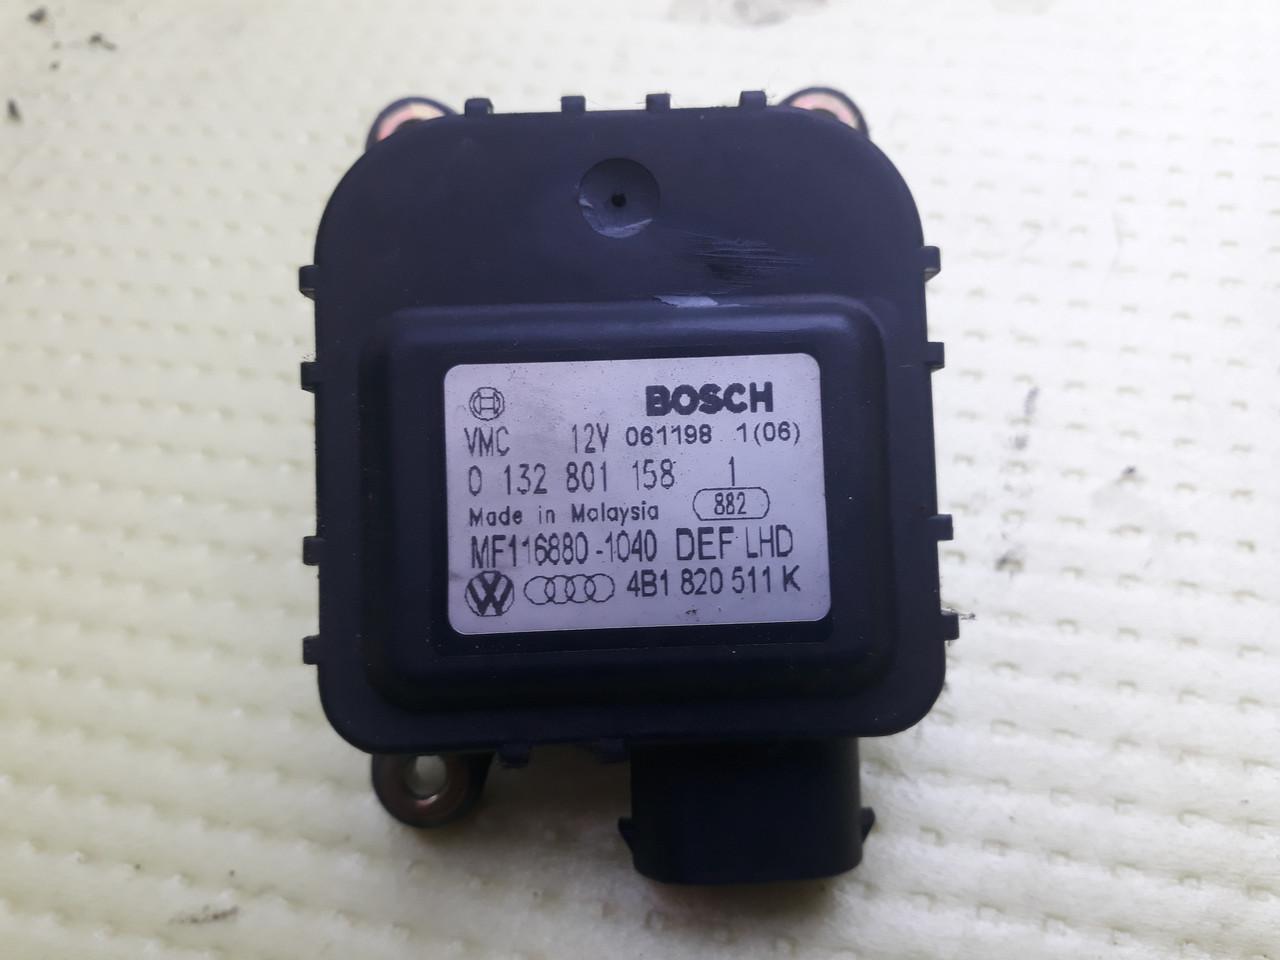 Моторчик сервопривод привод заслонки отопителя печки ауди а6 с5 audi a6 c5 4B1820511K